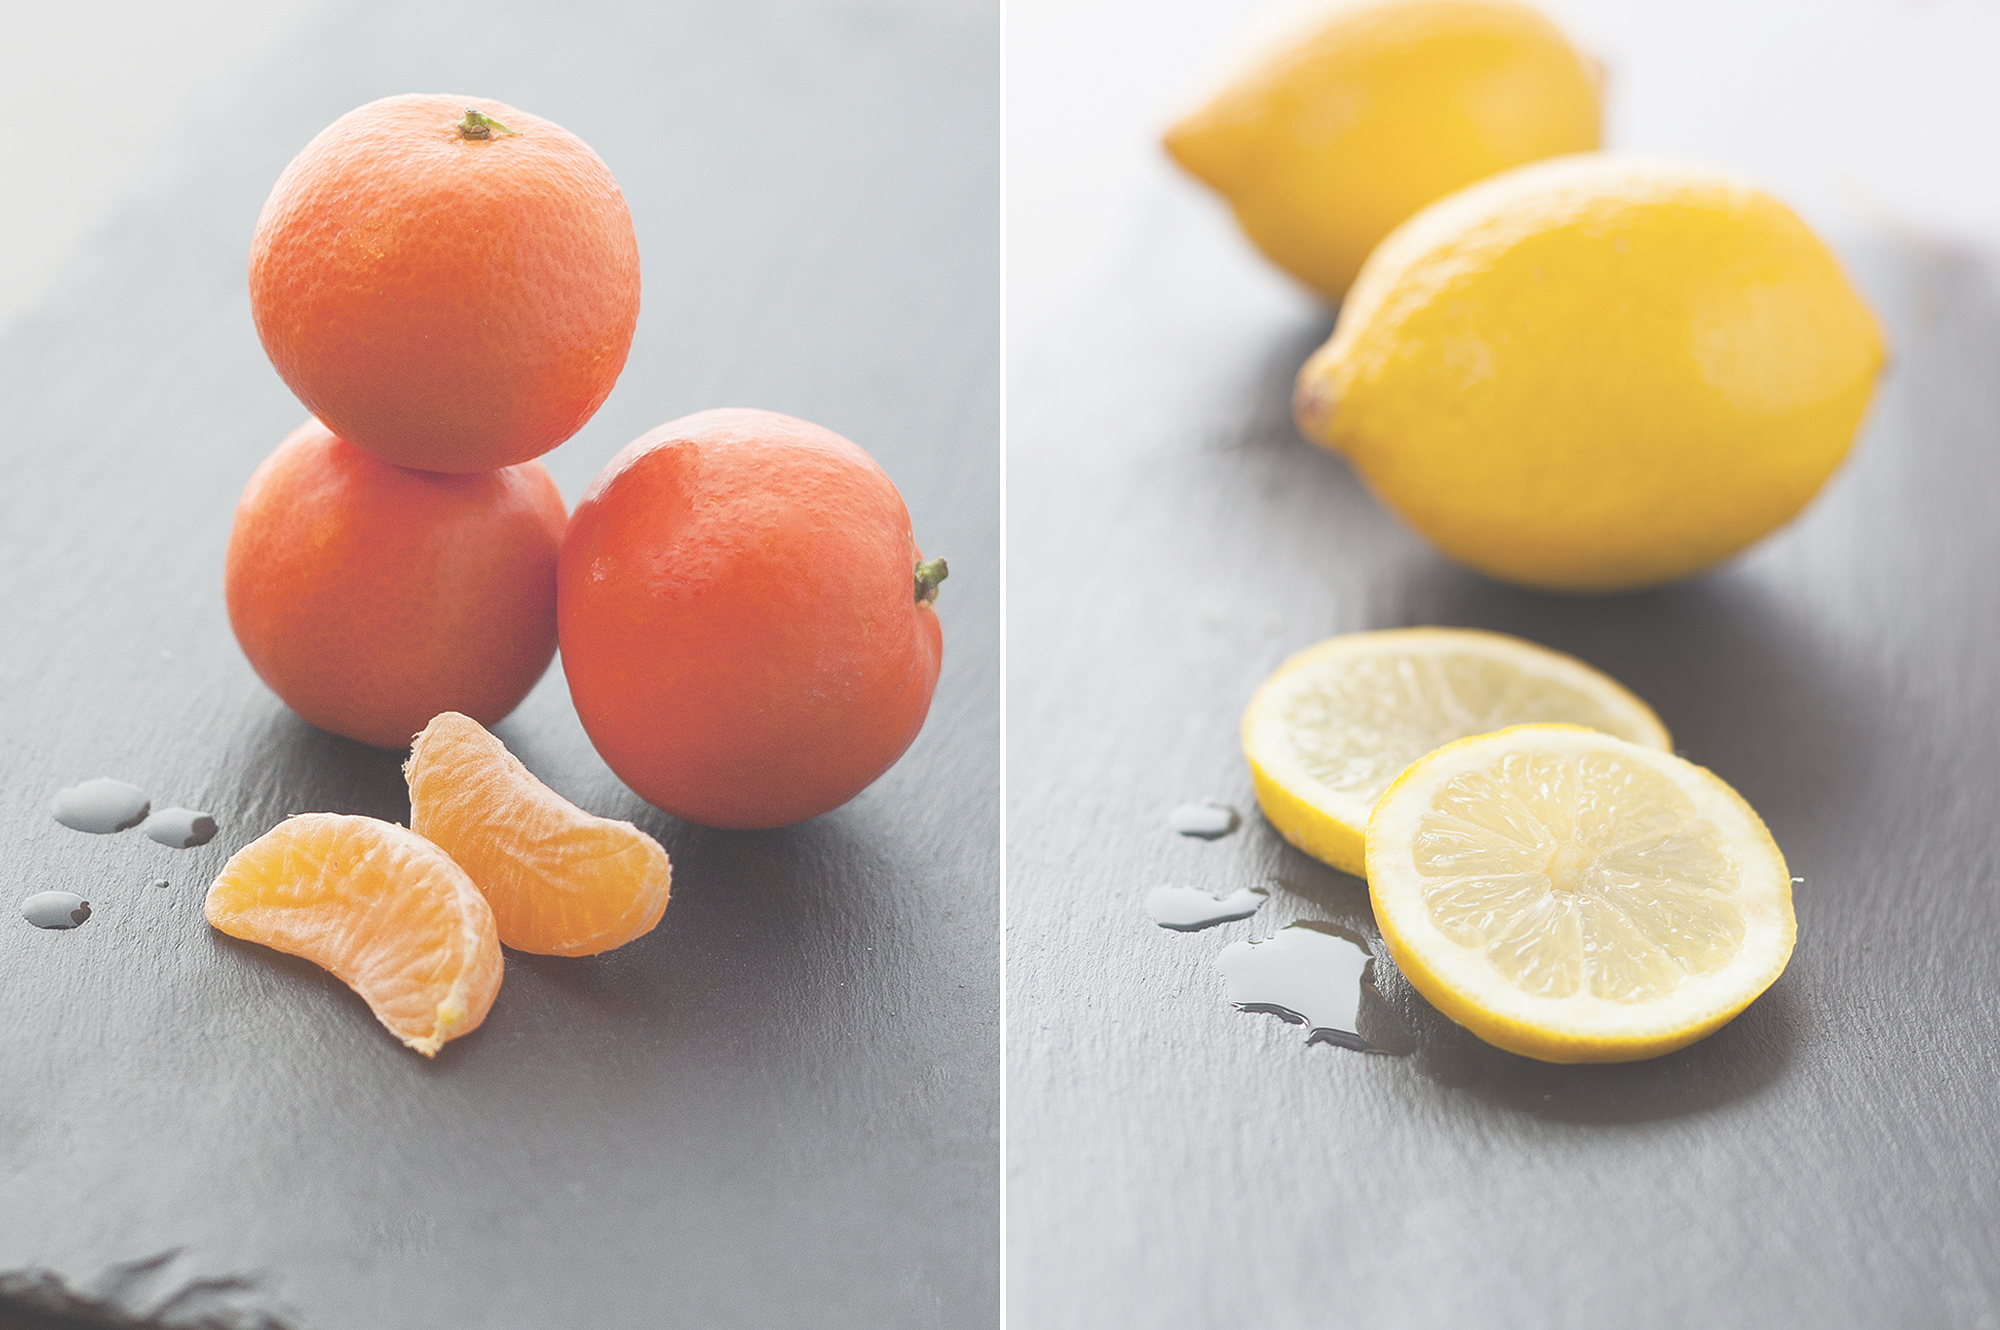 Isabelle-palé-photographe-studio-culinaire-illustration-citron-clementine_01